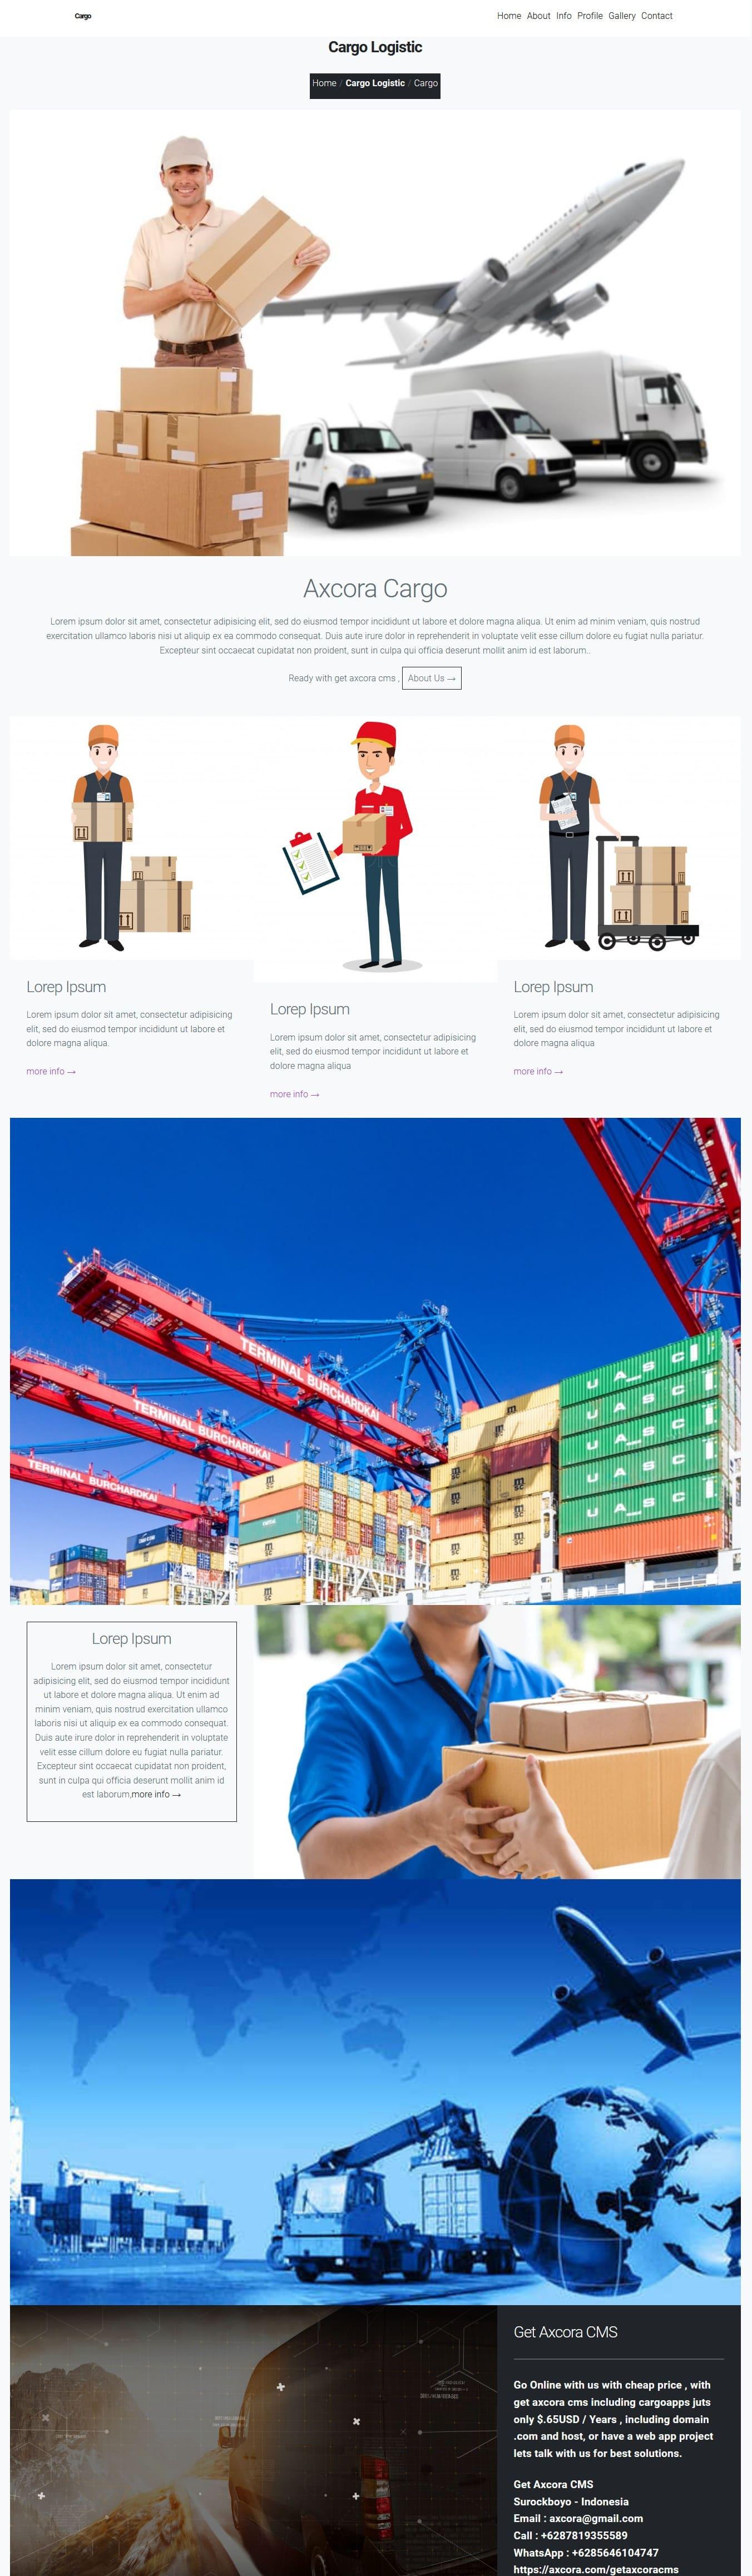 free download gratis website aplikasi ekspedisi kargo logistik pengiriman kurir